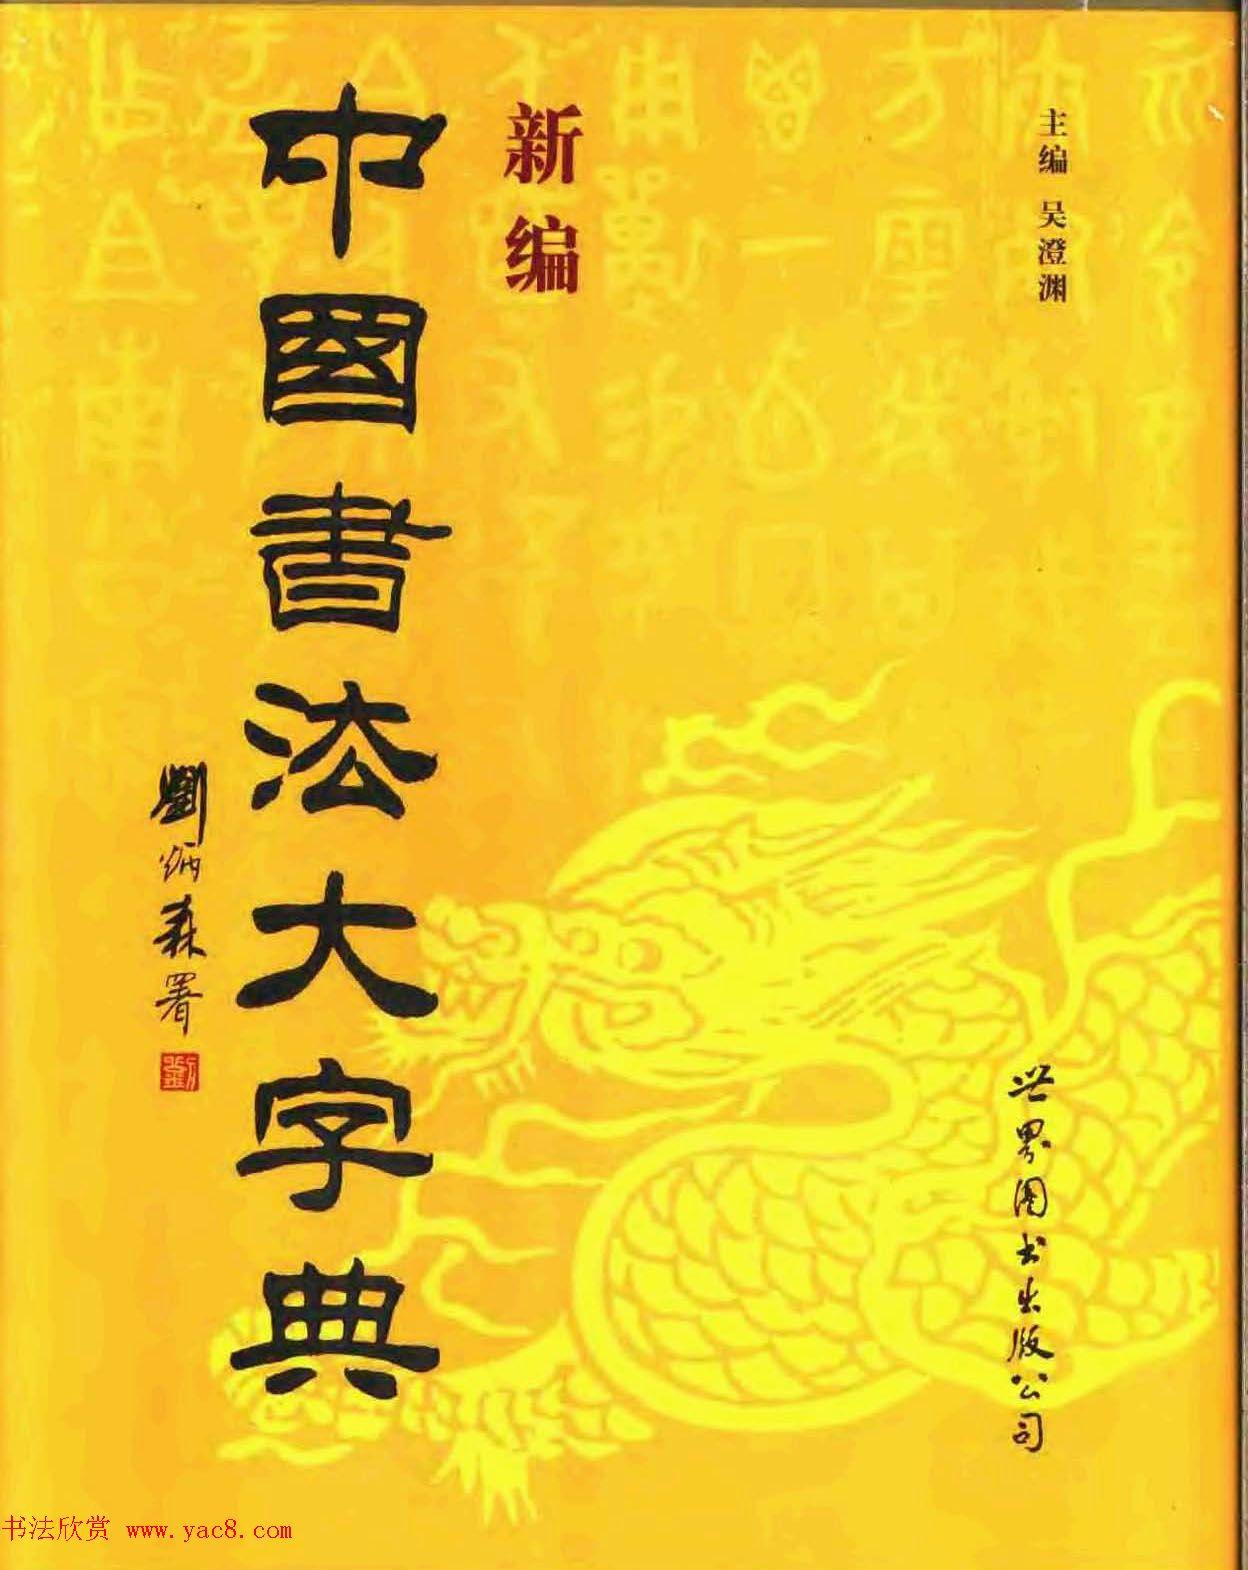 中国书法字典大全下载 书法学习必备工具书专辑